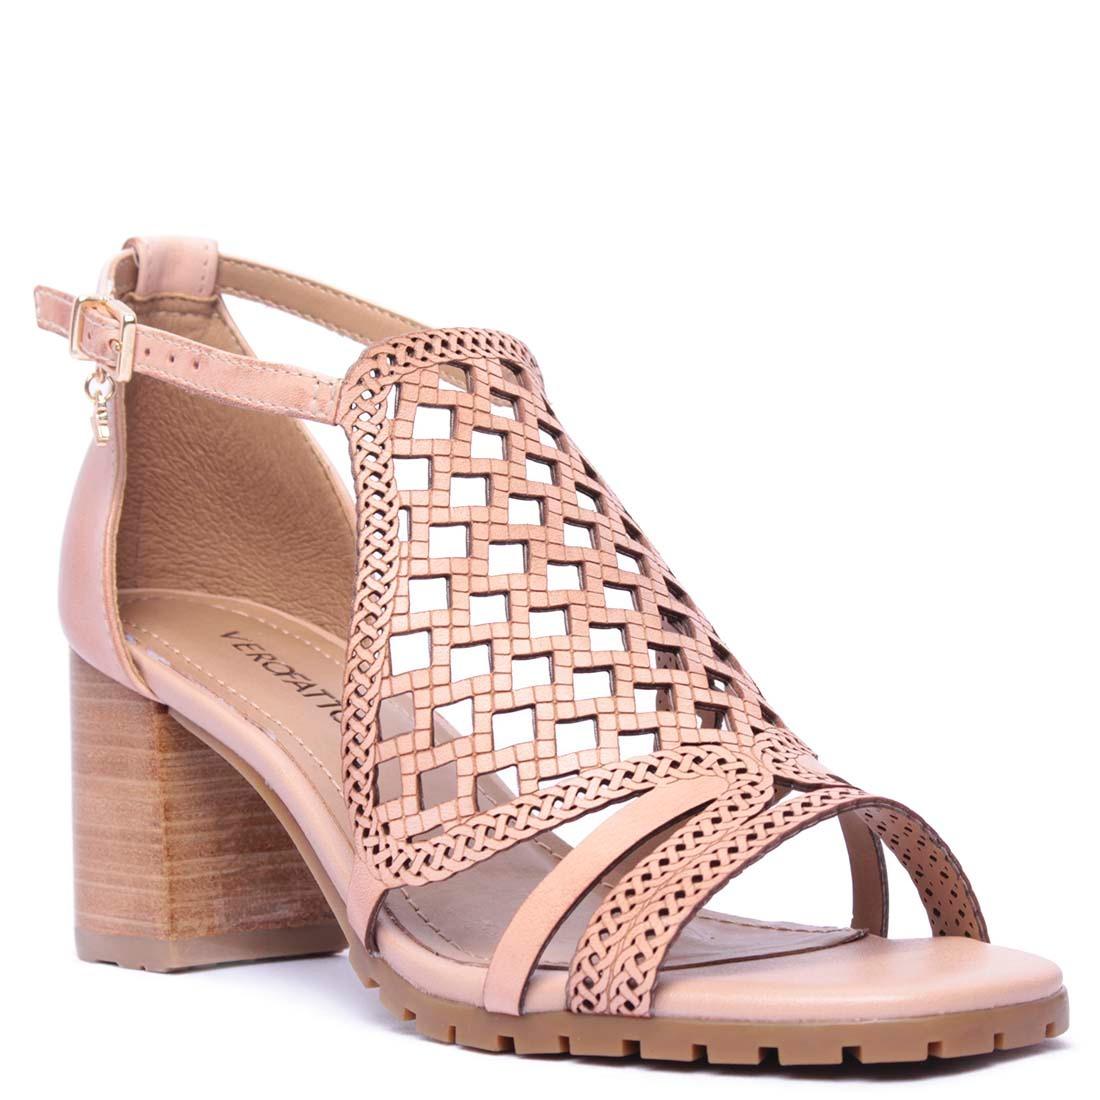 26e9b62865 sandália feminina verofatto de couro salto grosso. Carregando zoom.